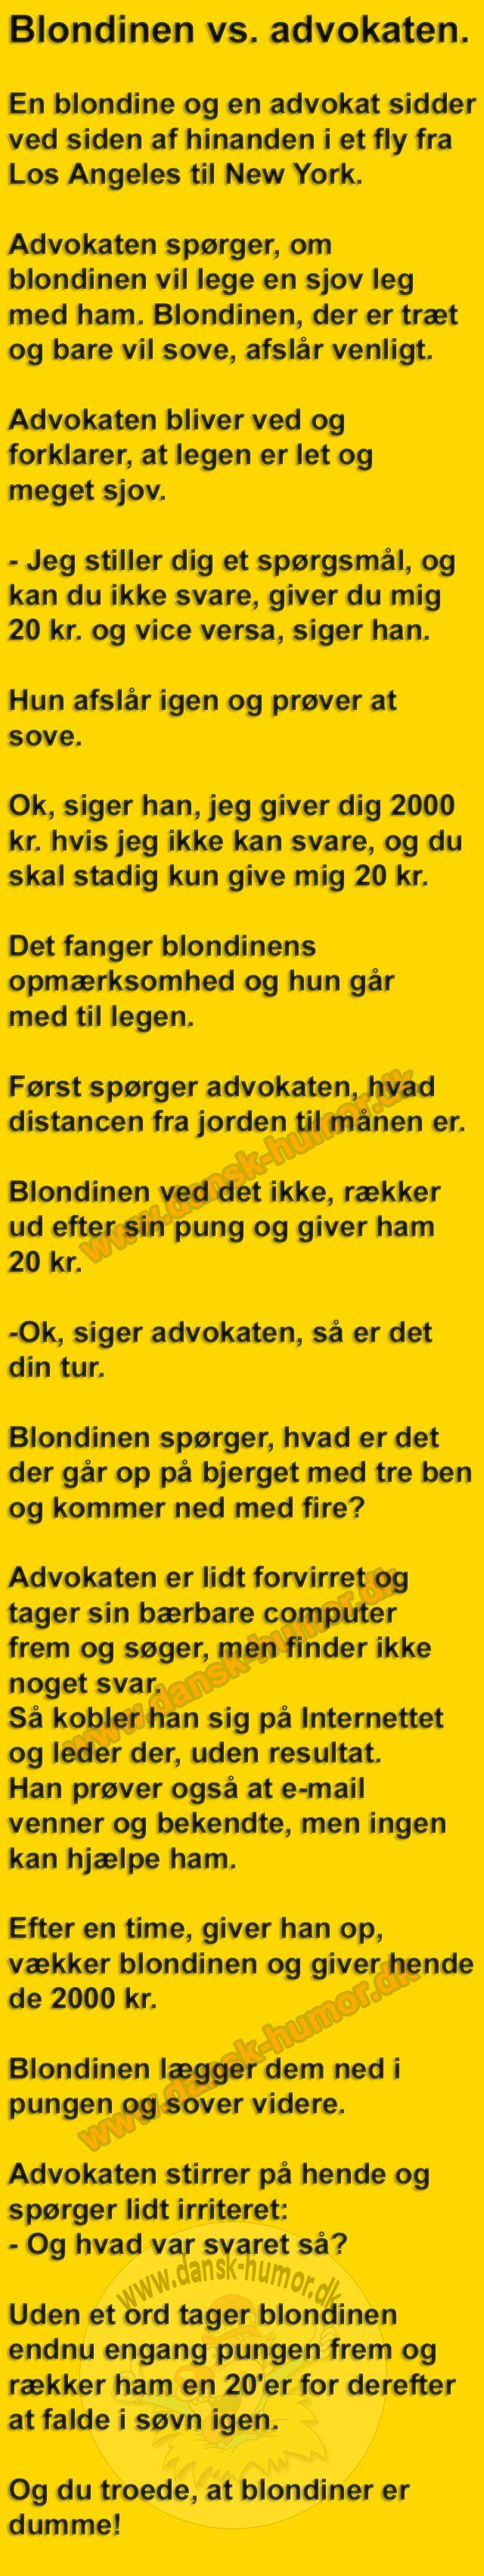 Blondinen vs. advokaten.